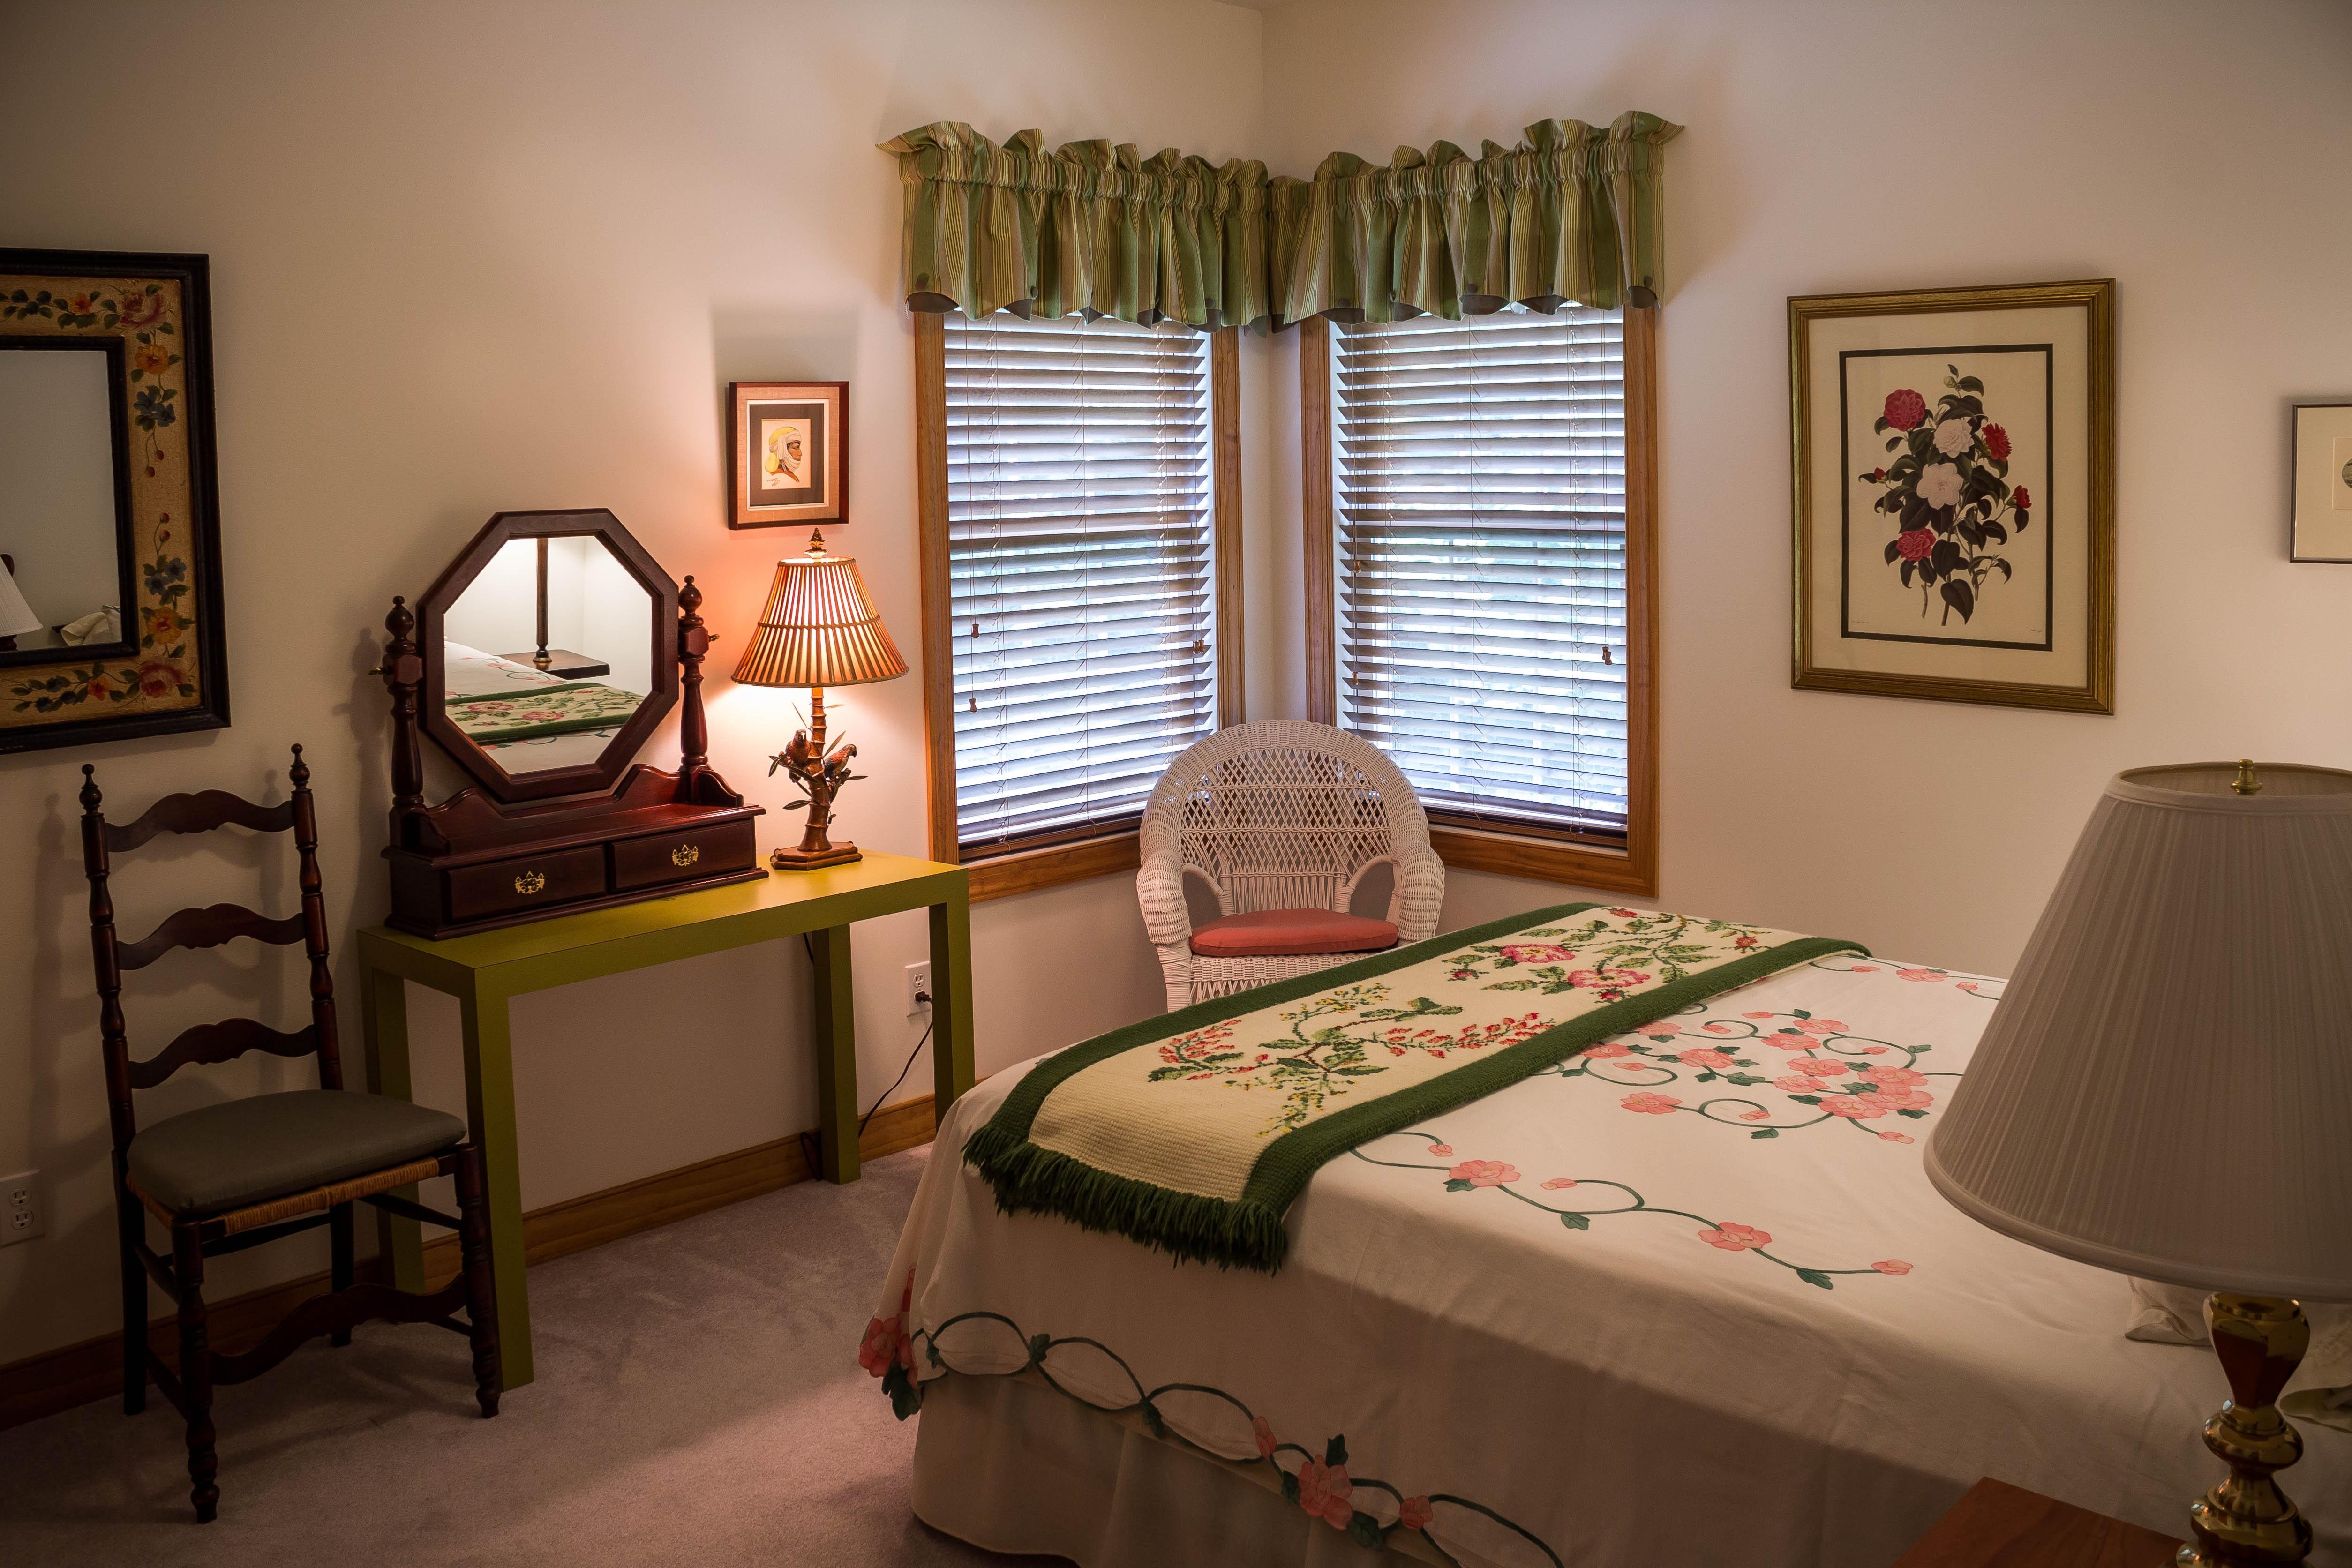 무료 이미지 시골집 재산 거실 방 침실 아파트 인테리어 디자인 침대 이불 모음곡